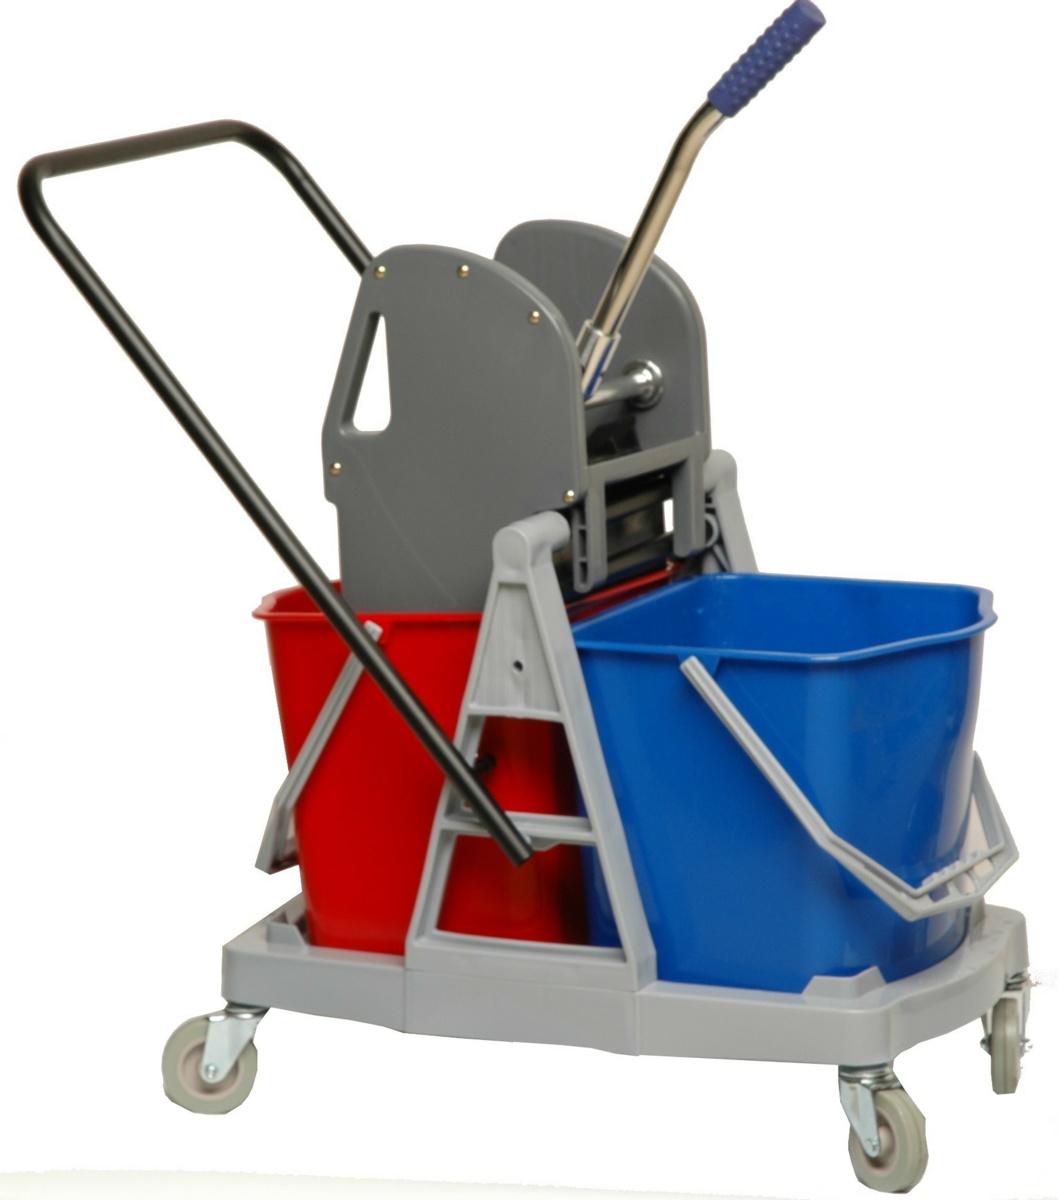 Chariot de ménage avec presse 2 seaux gris 17,50 l Brosserie Thomas